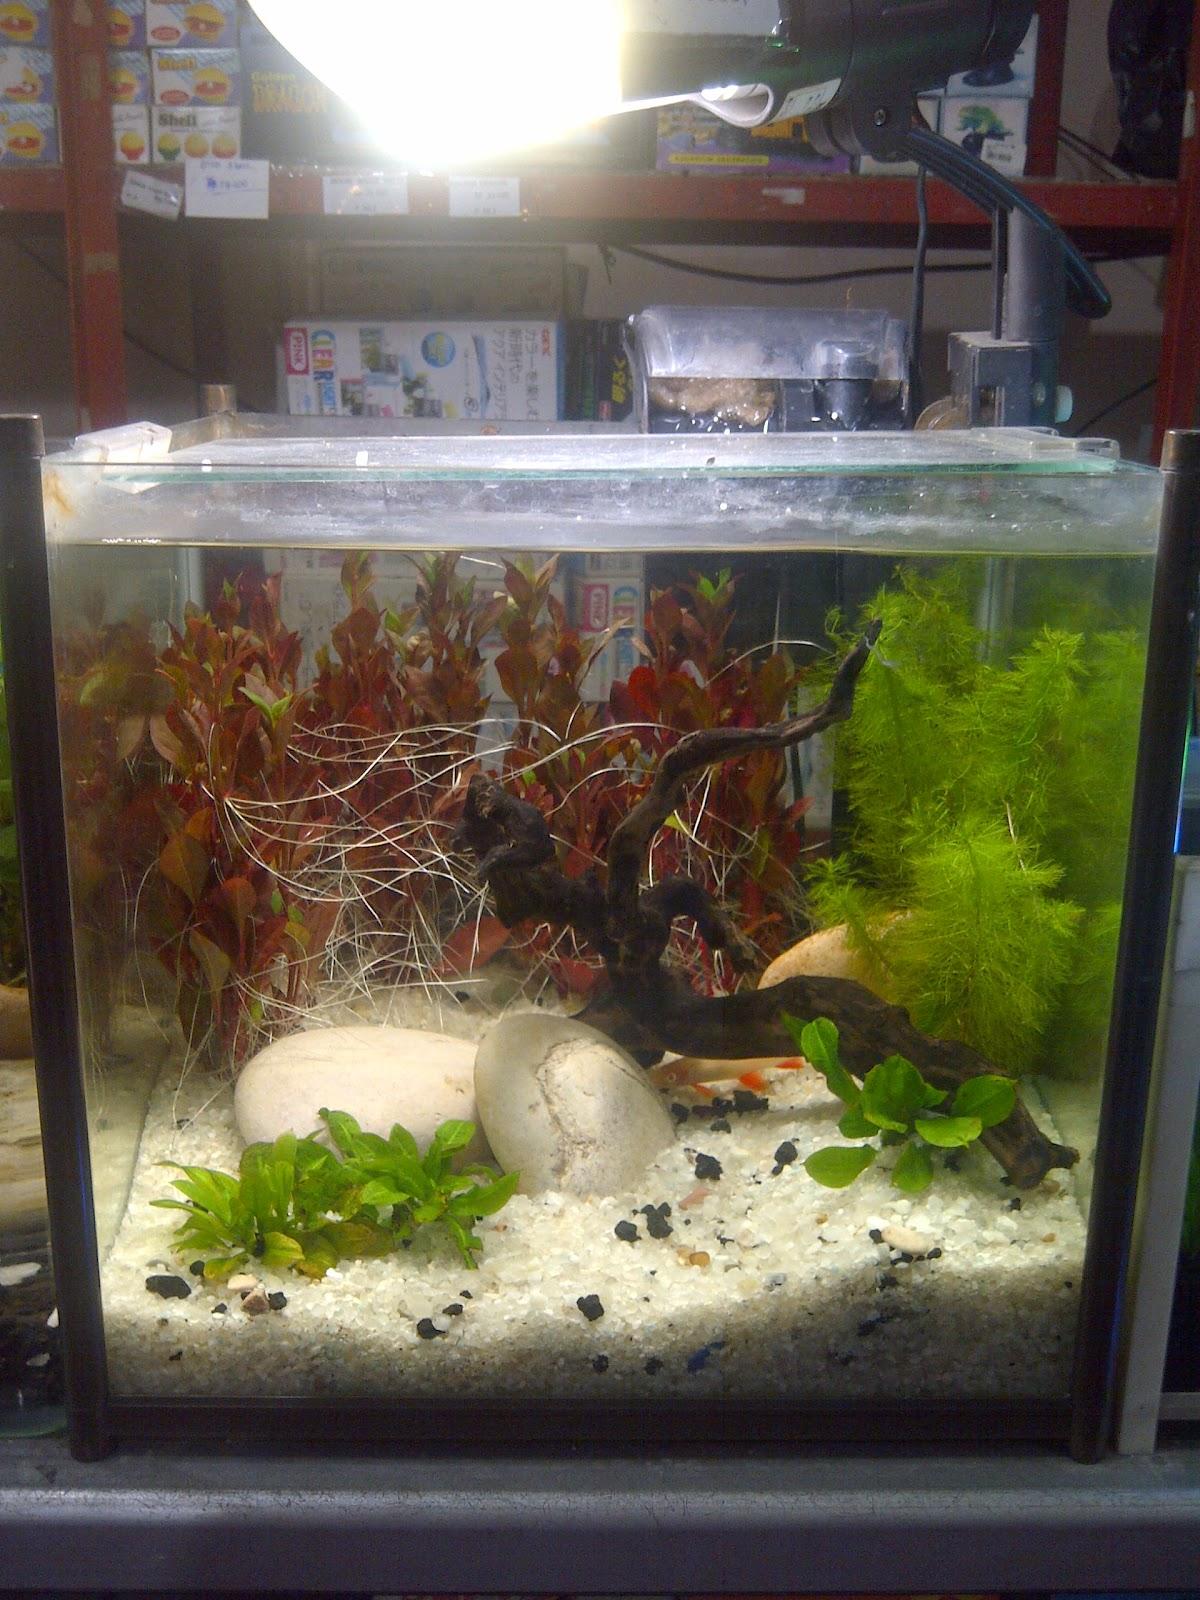 Rejeki Aquarium Nikita Size L Ukuran 40 X 25 28cm Dekorasi Sederhana Dan Harga Terjangkau